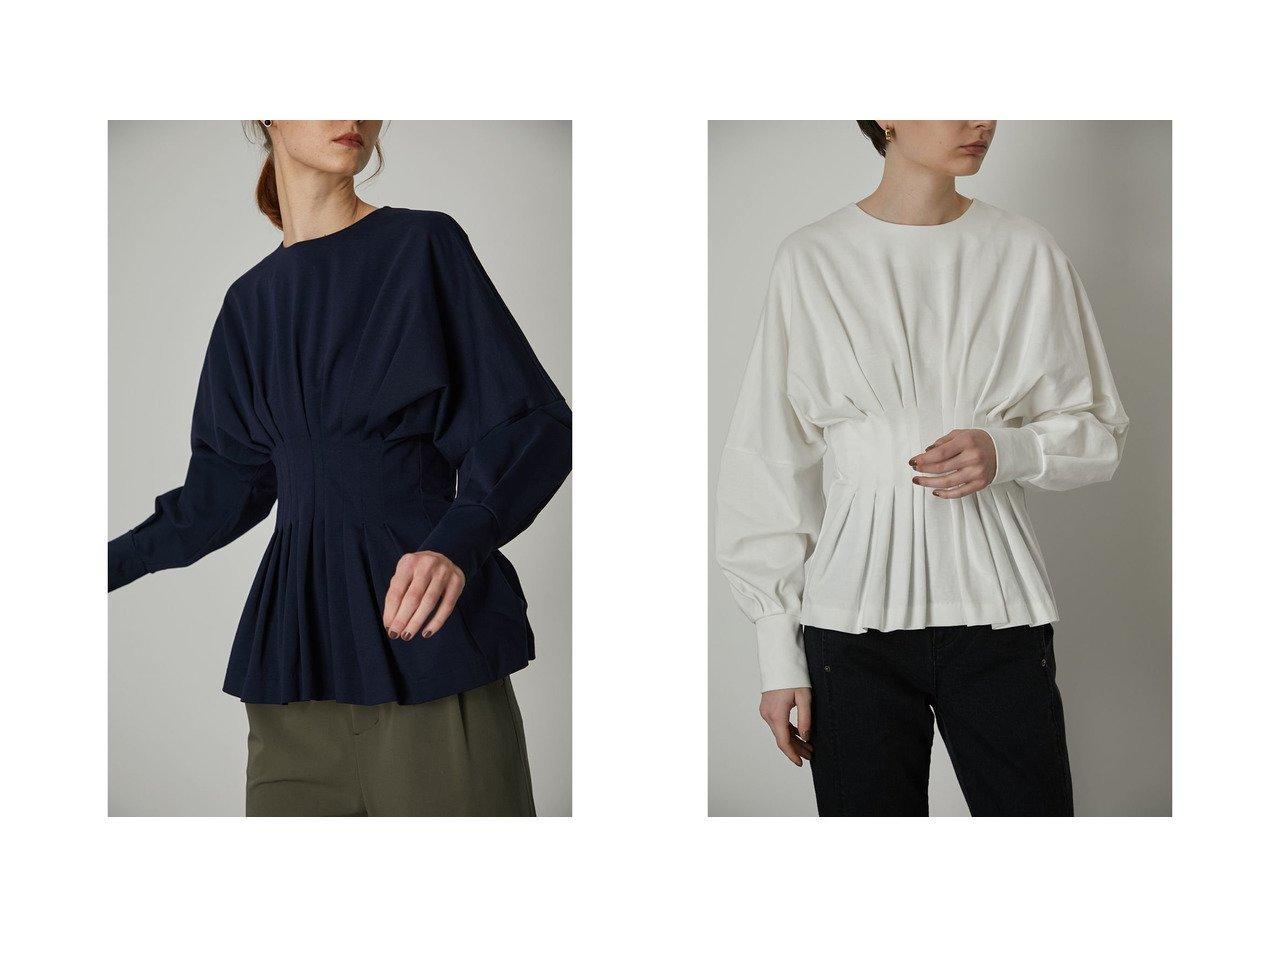 【RIM.ARK/リムアーク】のWaist Shape cut tops トップス・カットソーのおすすめ!人気、トレンド・レディースファッションの通販 おすすめで人気の流行・トレンド、ファッションの通販商品 メンズファッション・キッズファッション・インテリア・家具・レディースファッション・服の通販 founy(ファニー) https://founy.com/ ファッション Fashion レディースファッション WOMEN トップス カットソー Tops Tshirt シャツ/ブラウス Shirts Blouses NEW・新作・新着・新入荷 New Arrivals カットソー コンパクト シェイプ |ID:crp329100000024167